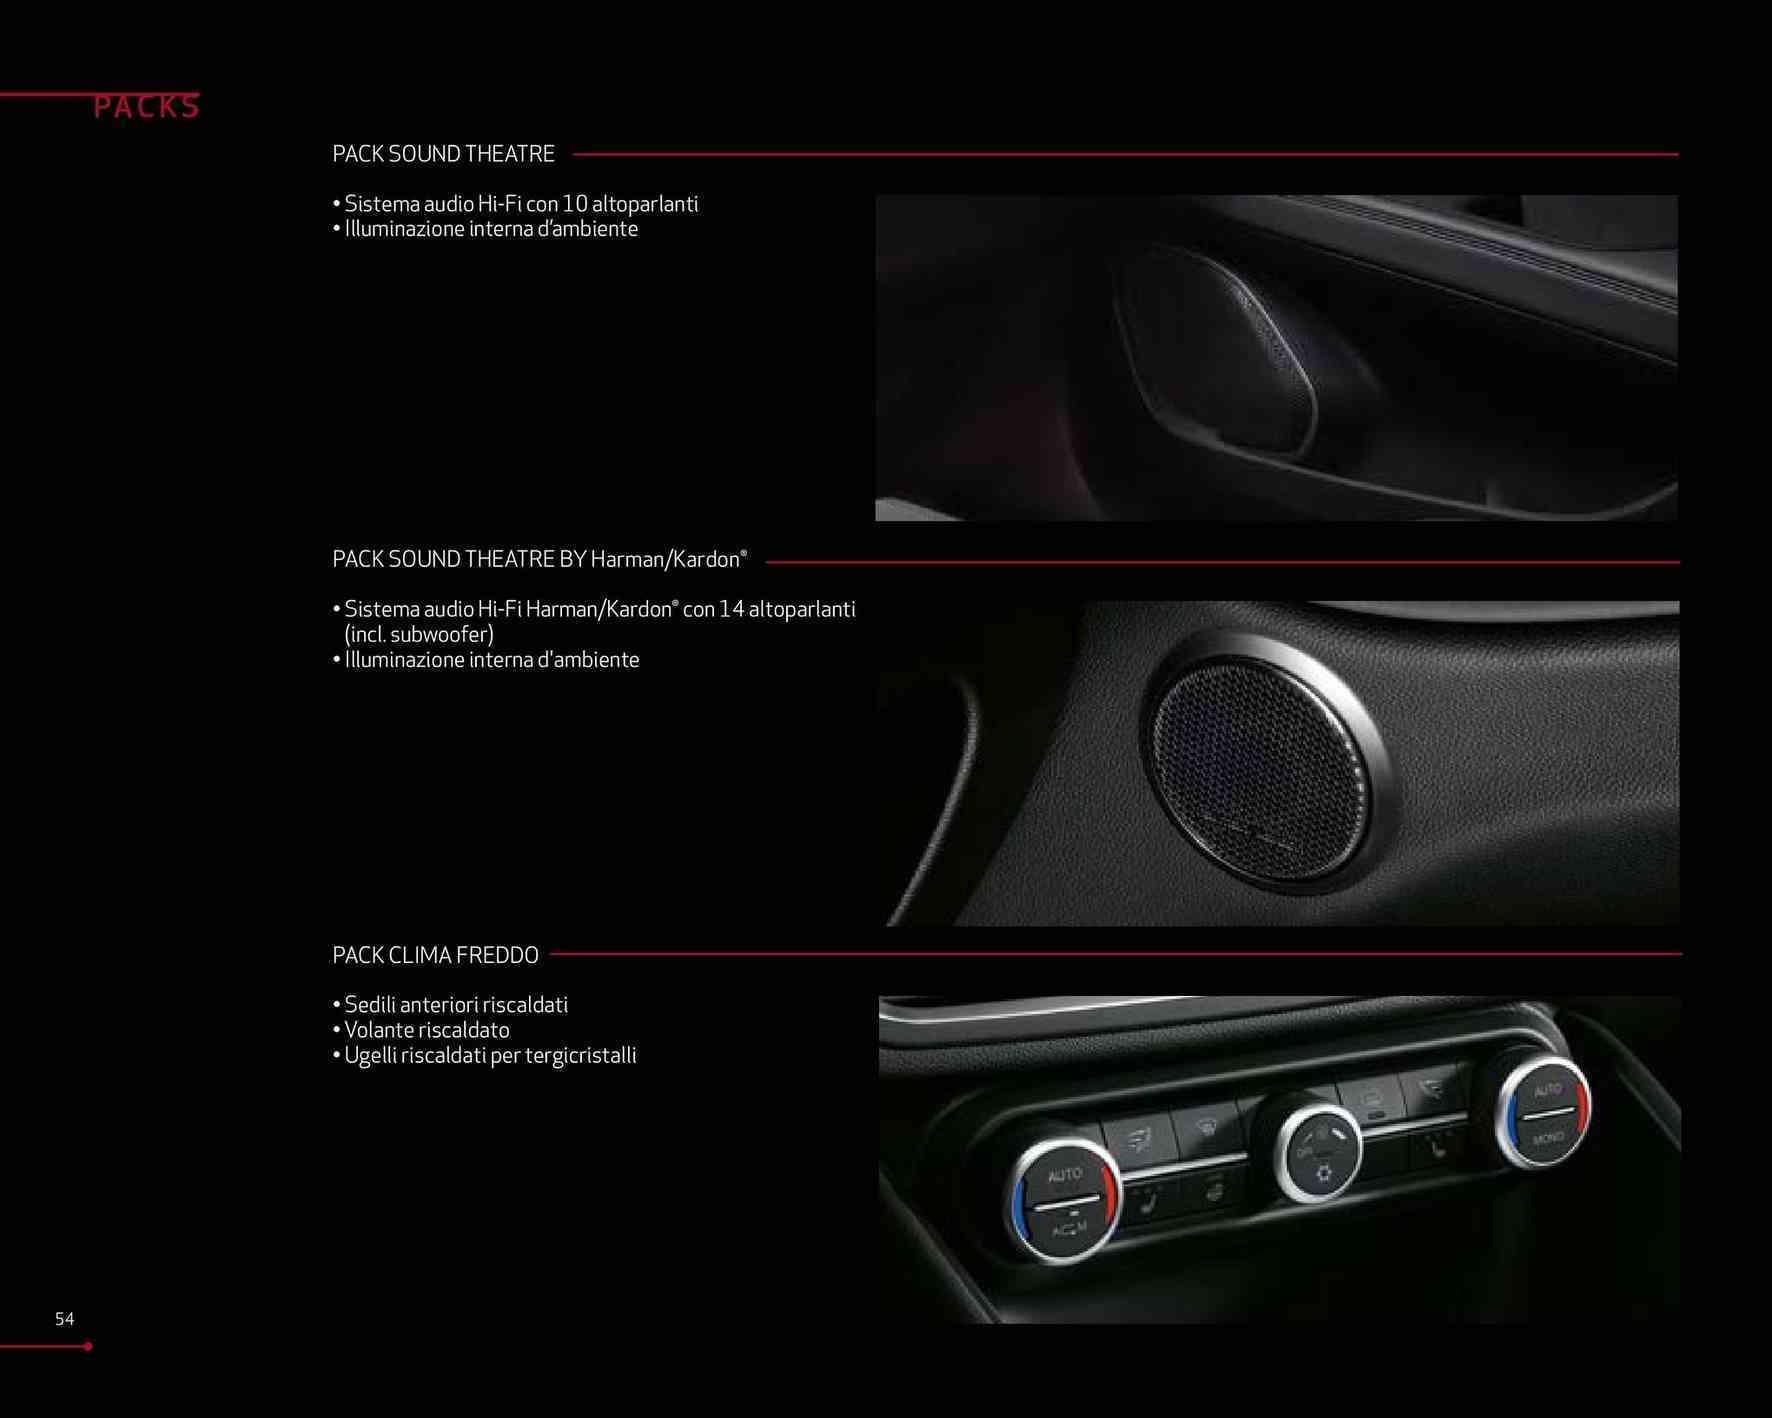 casa Luce interna per auto luce a LED da atmosfera in 4/colori per auto con porta USB kit di illuminazione vano piedi USB ricaricabile TV